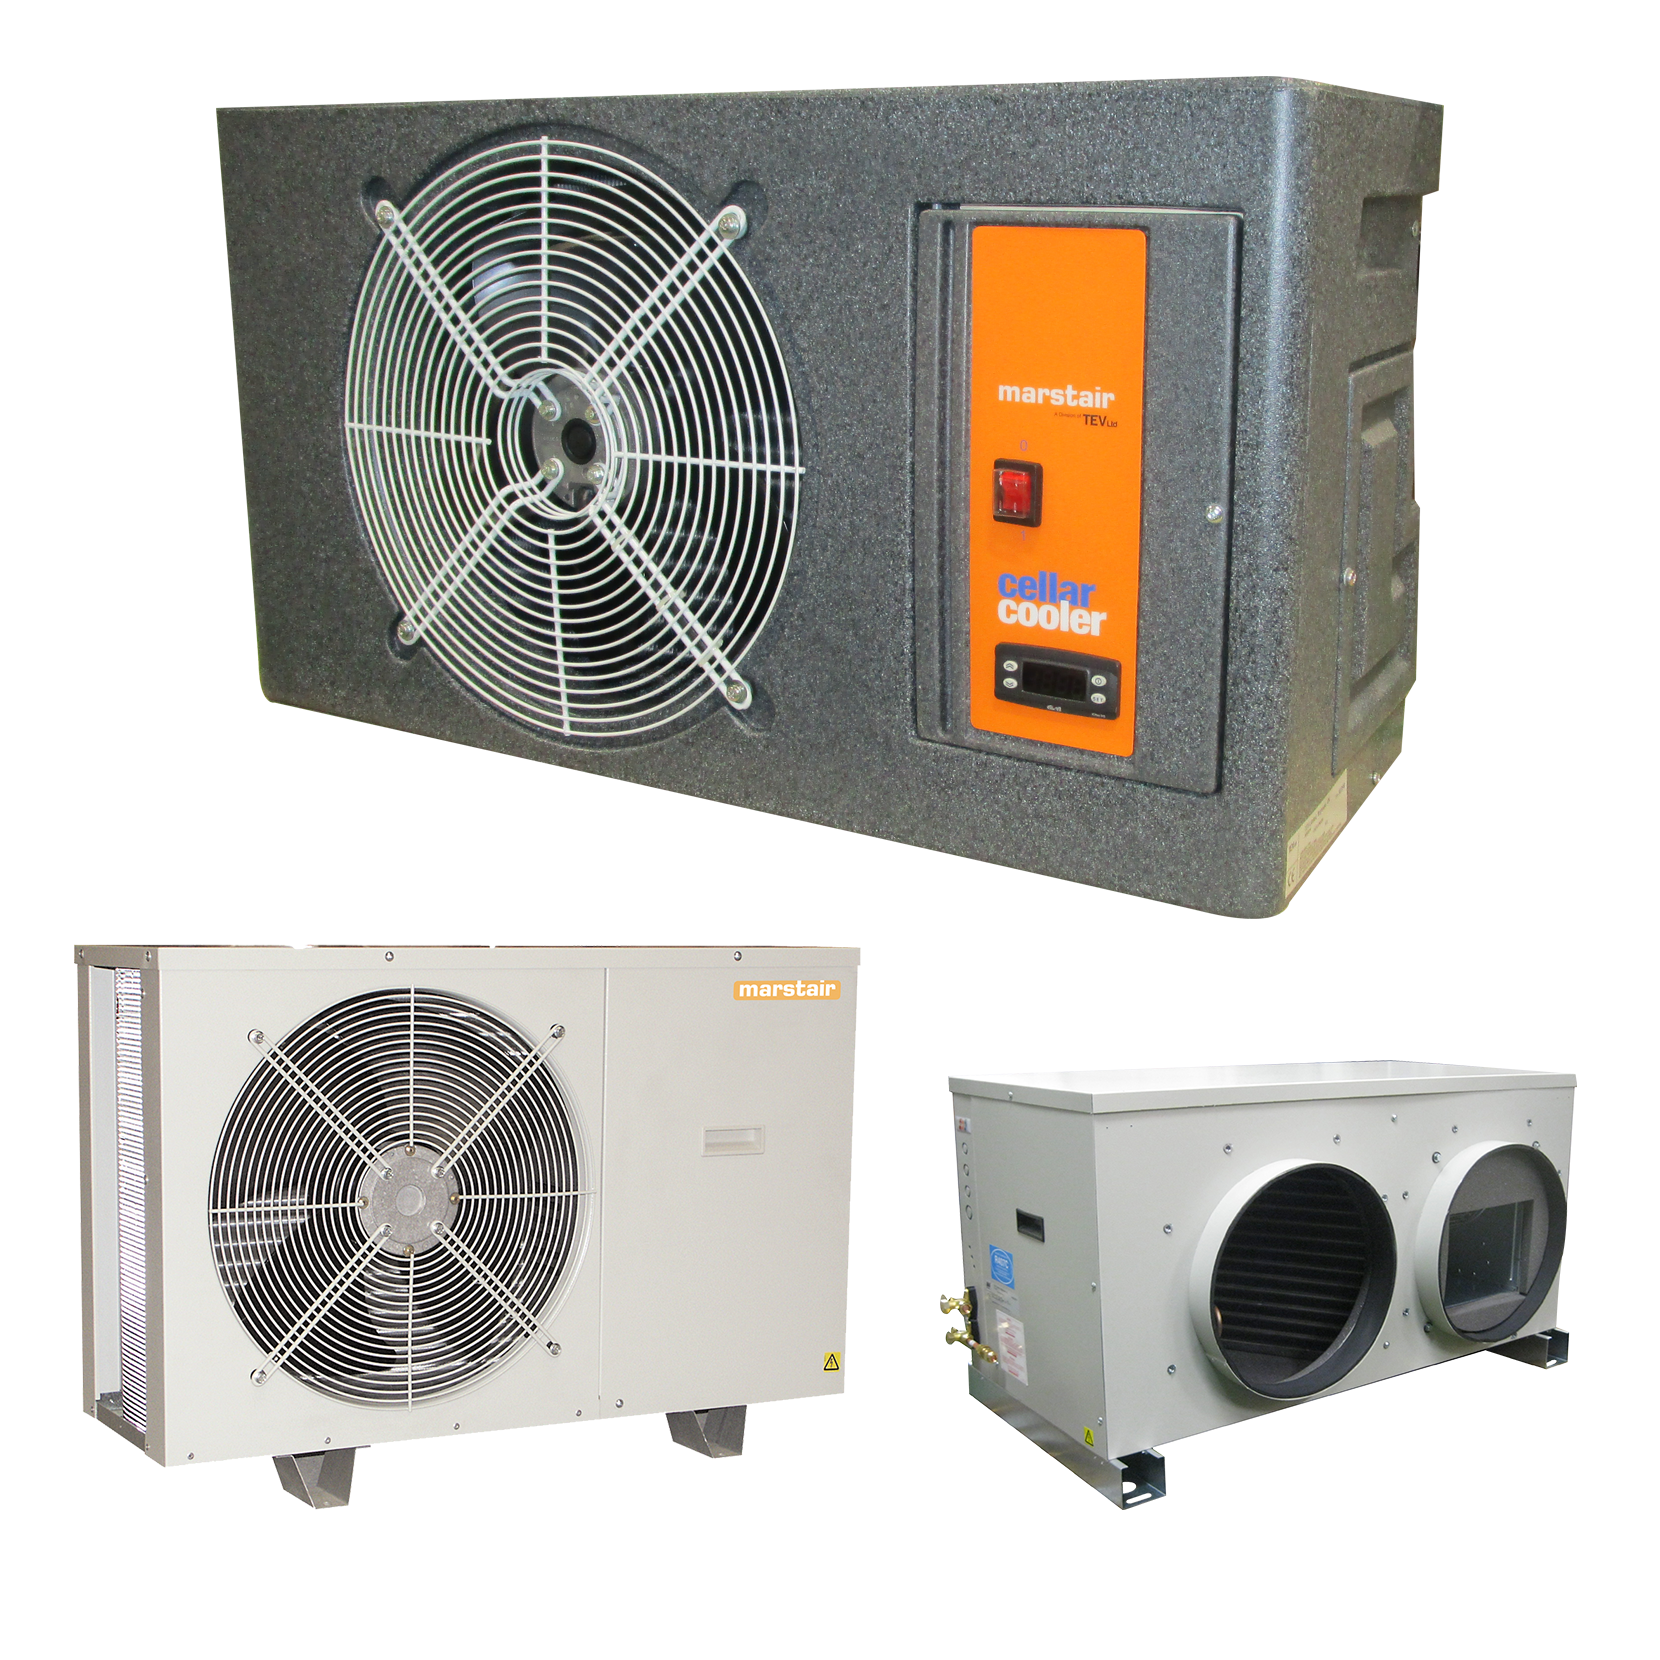 Marstair Cellar Coolers